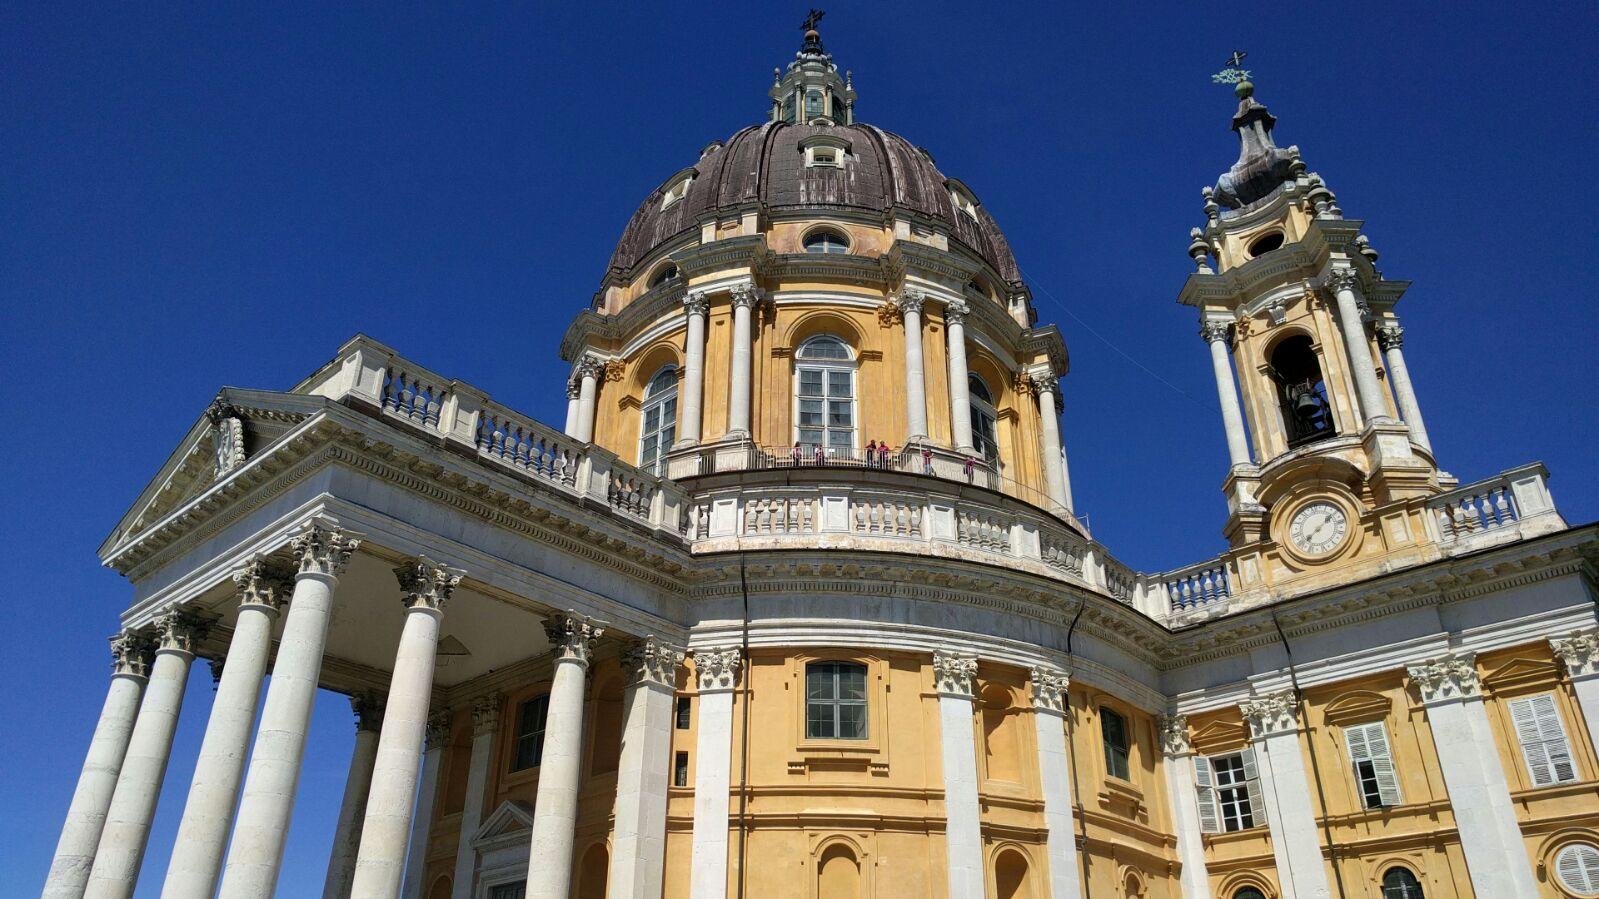 Basilica di Superga, slitta la riapertura al pubblico: i lavori di restauro termineranno in autunno